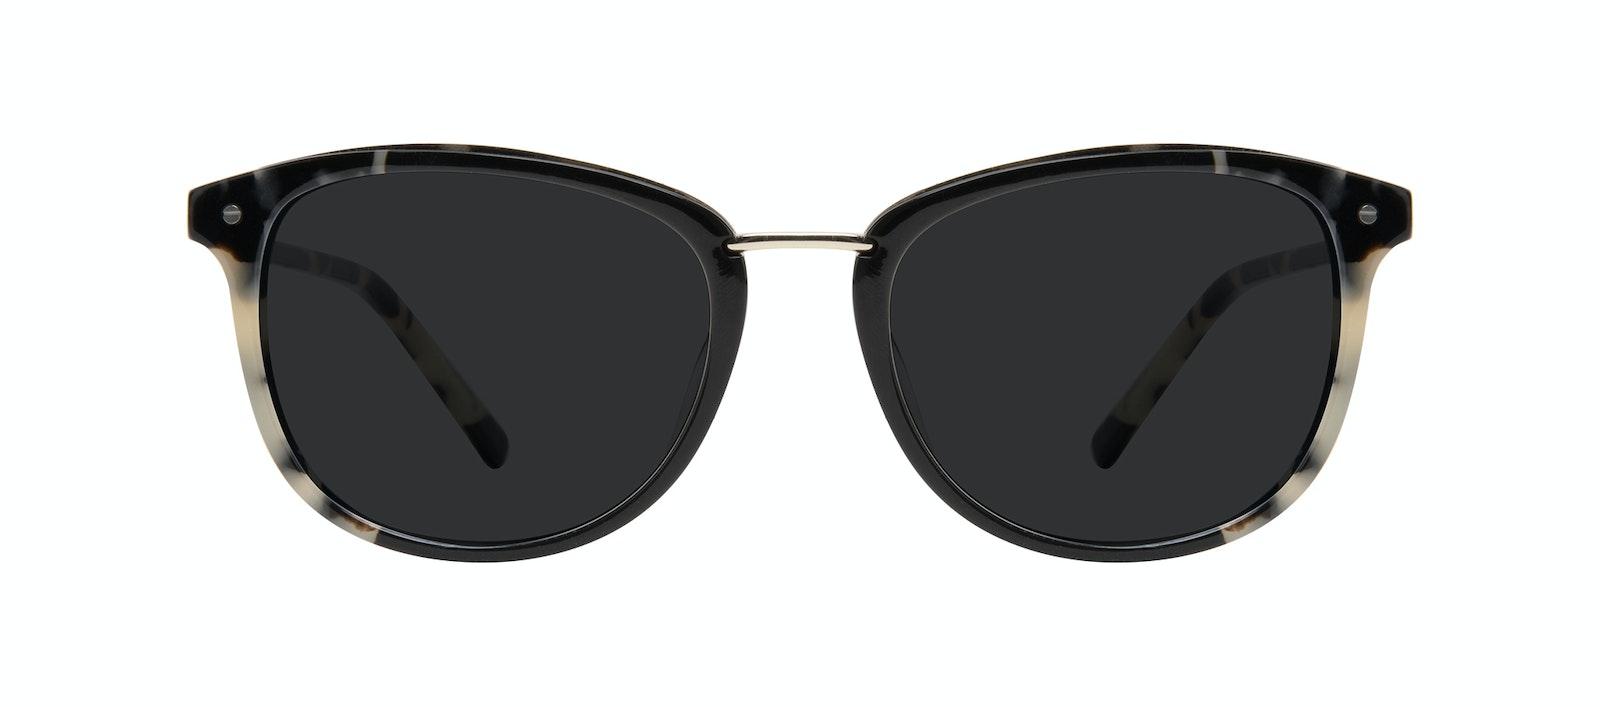 Affordable Fashion Glasses Square Round Sunglasses Women Bella Ebony Granite Front